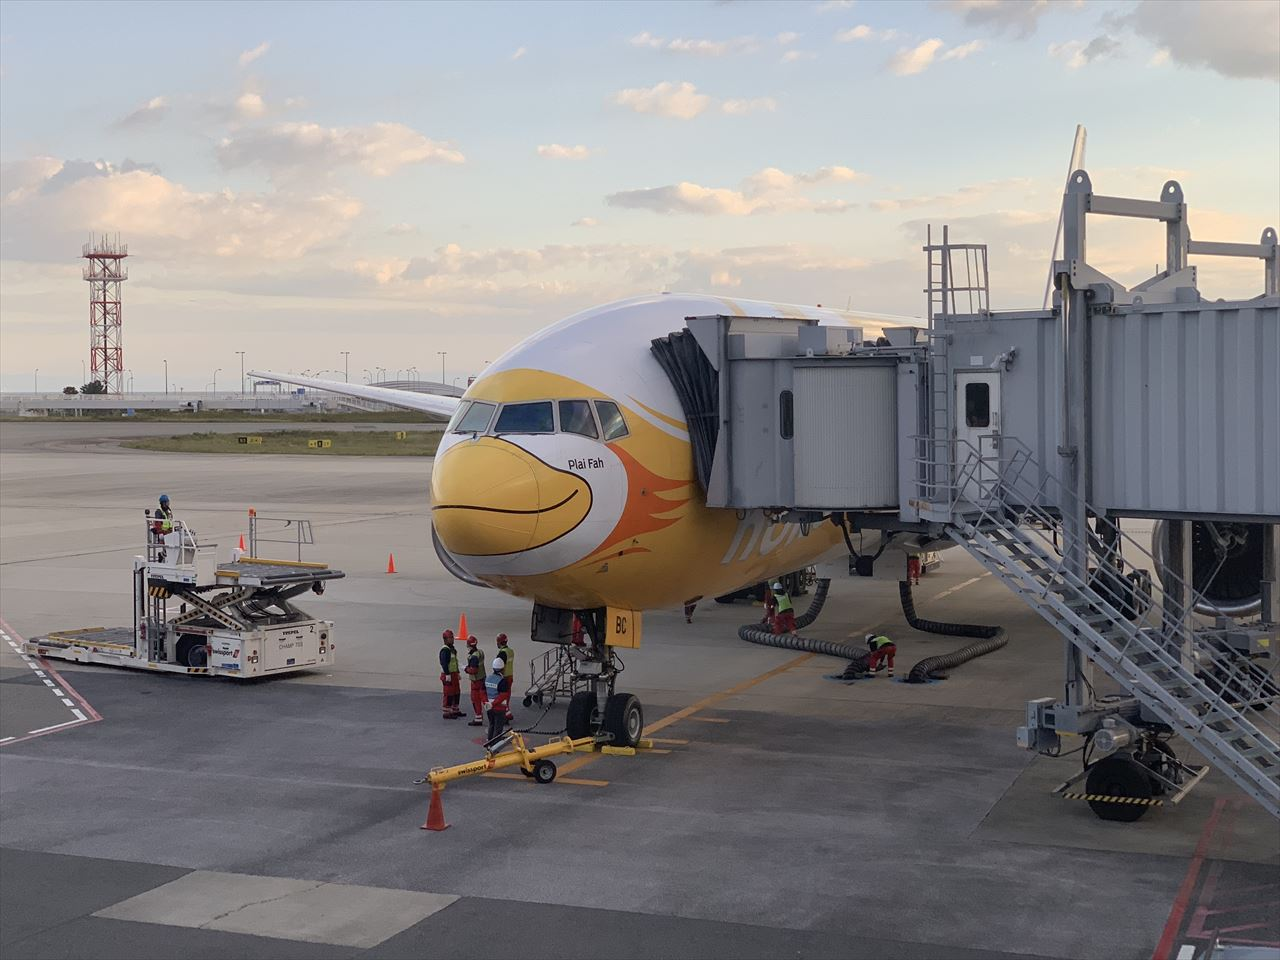 ドンムアン空港に到着したノックスクートXW111便